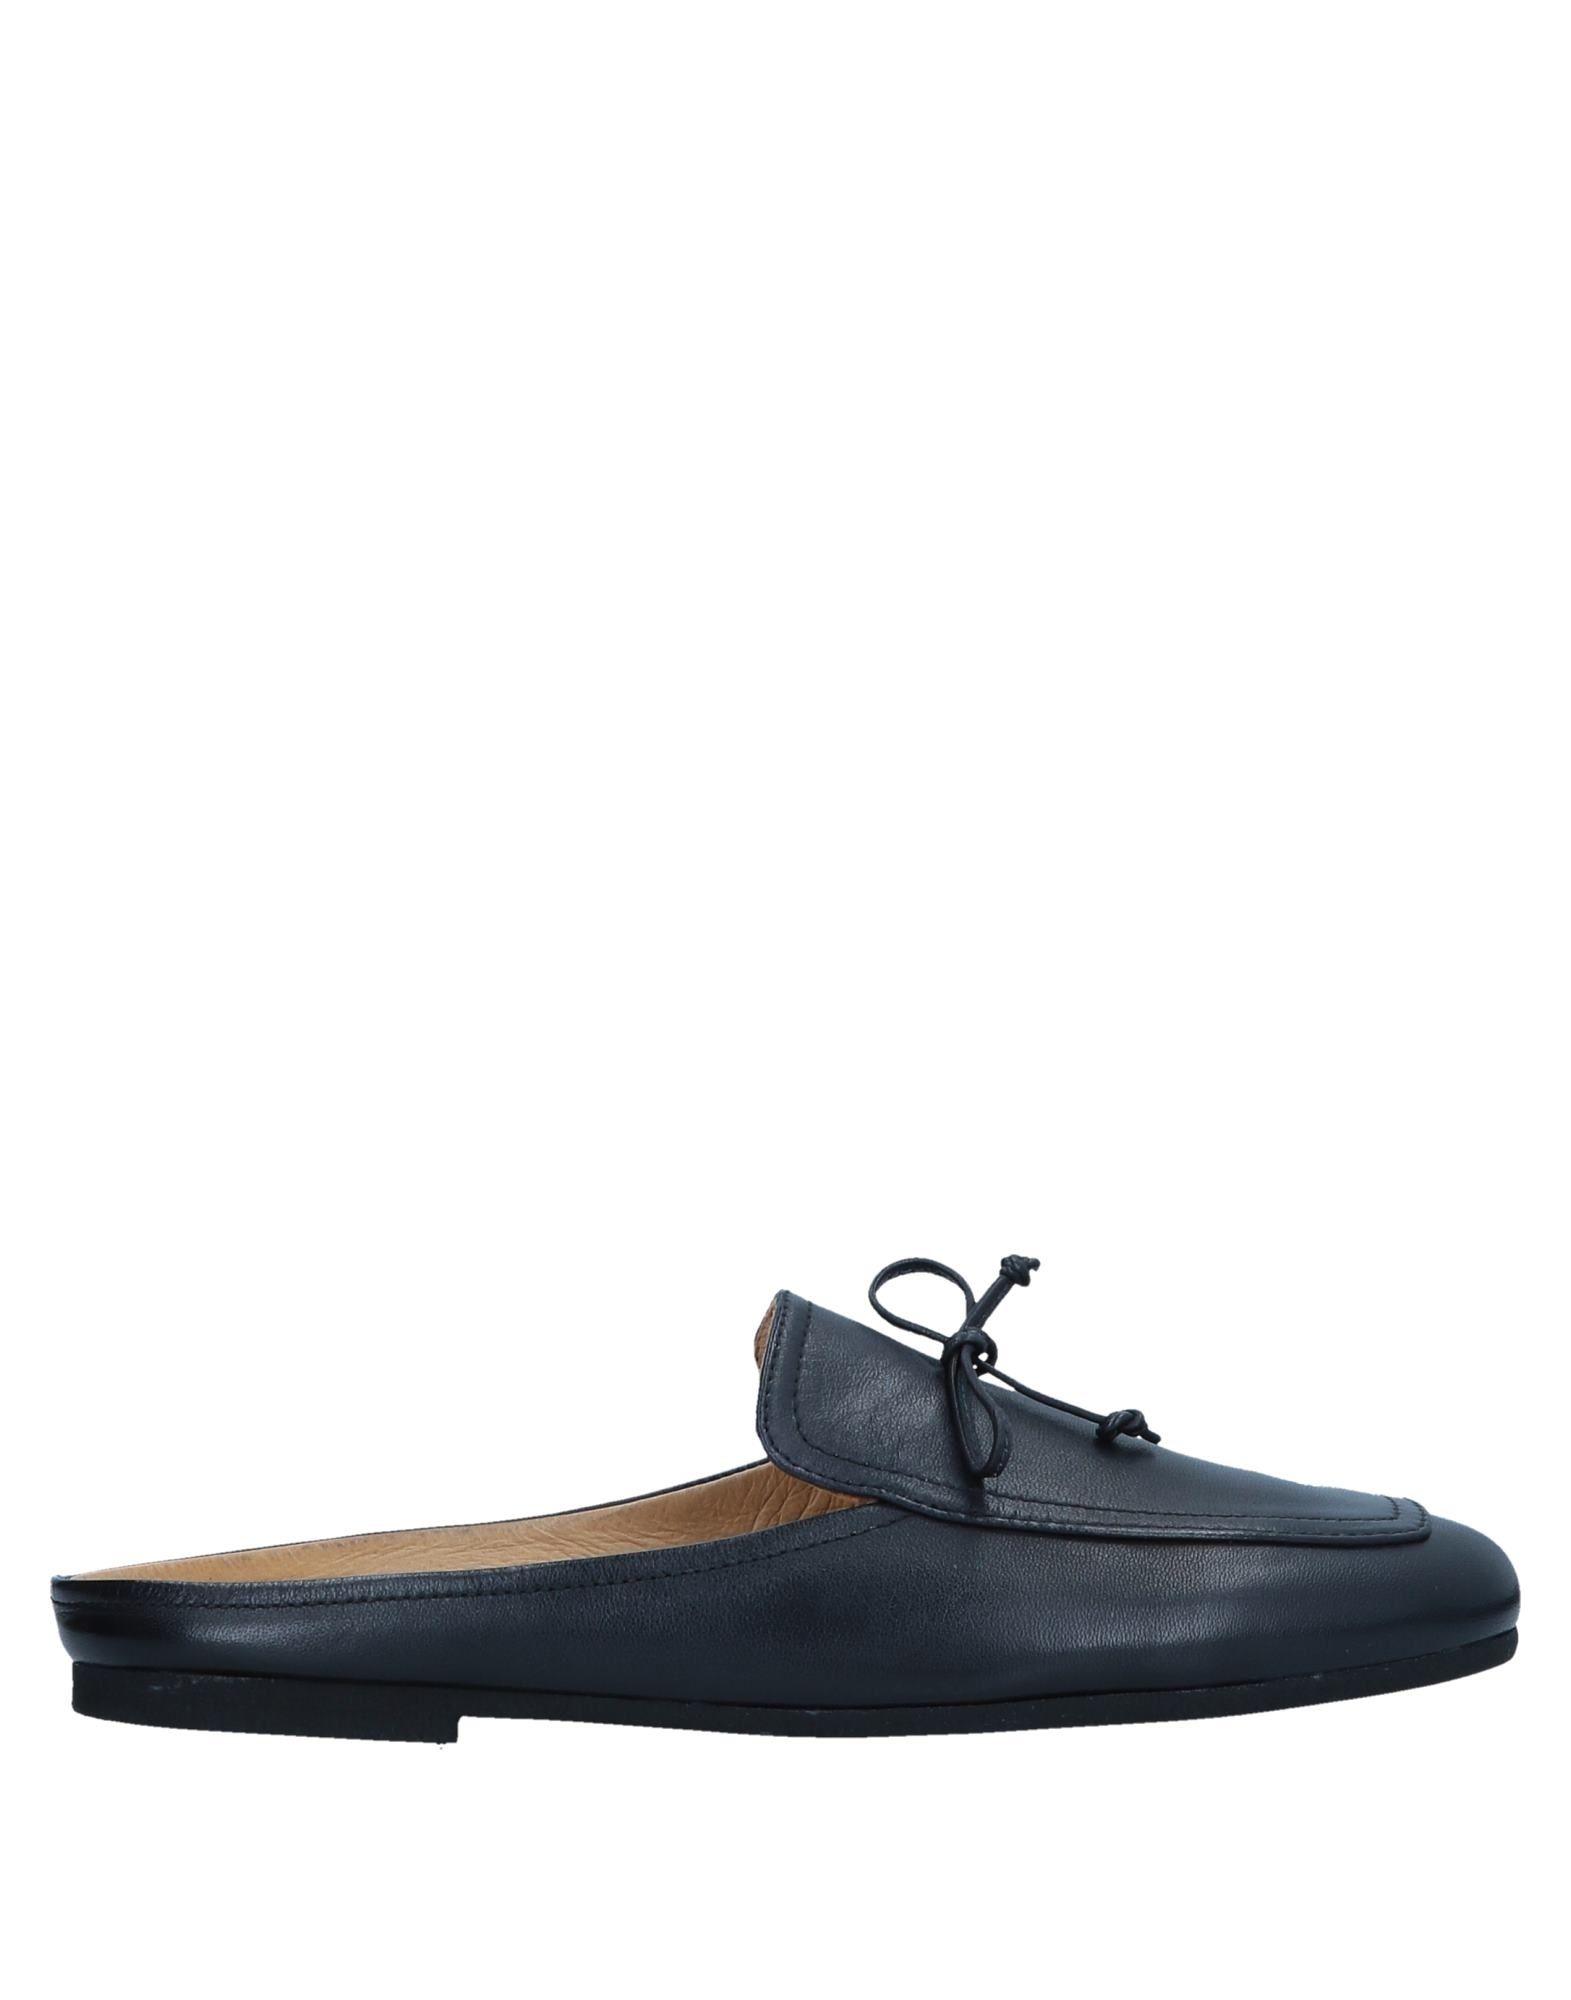 Pf16 Pantoletten Damen  11548698VG Gute Qualität beliebte Schuhe